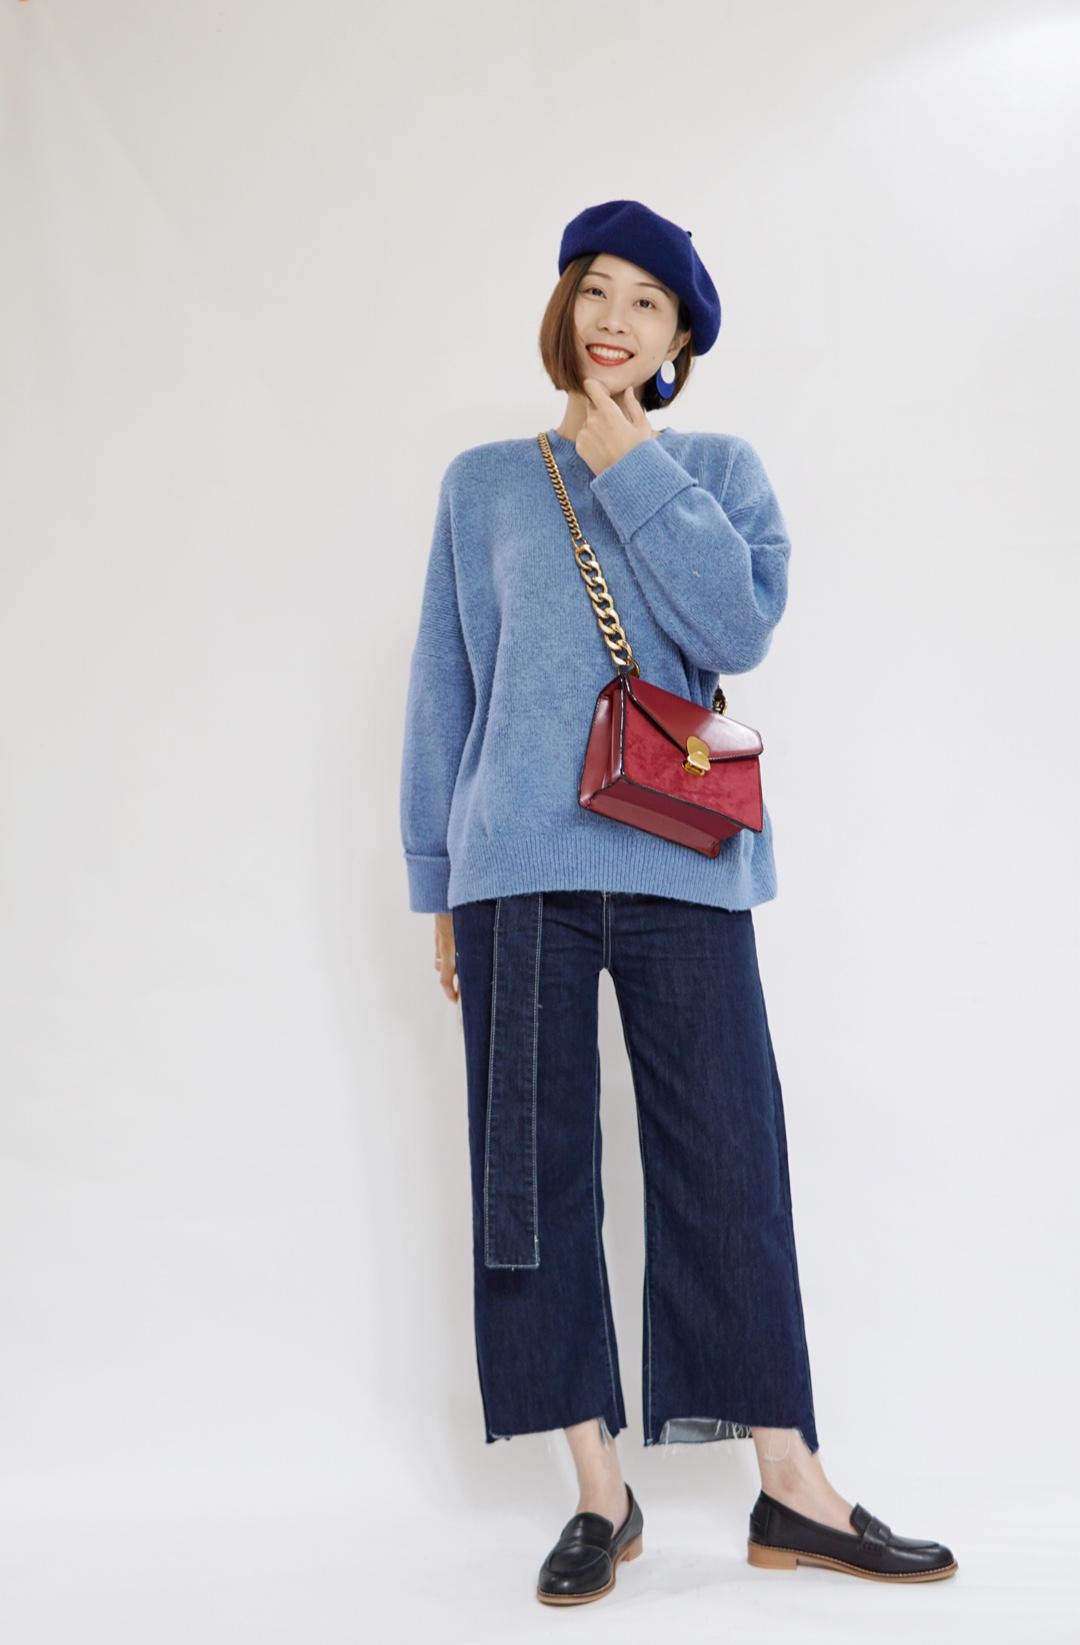 #包包配不对,一身再贵也白费# 蓝色毛衣与蓝色贝雷帽搭配,很休闲有范。挎上了一个酒红色的单肩包,形成红蓝鲜明对比。超赞的!